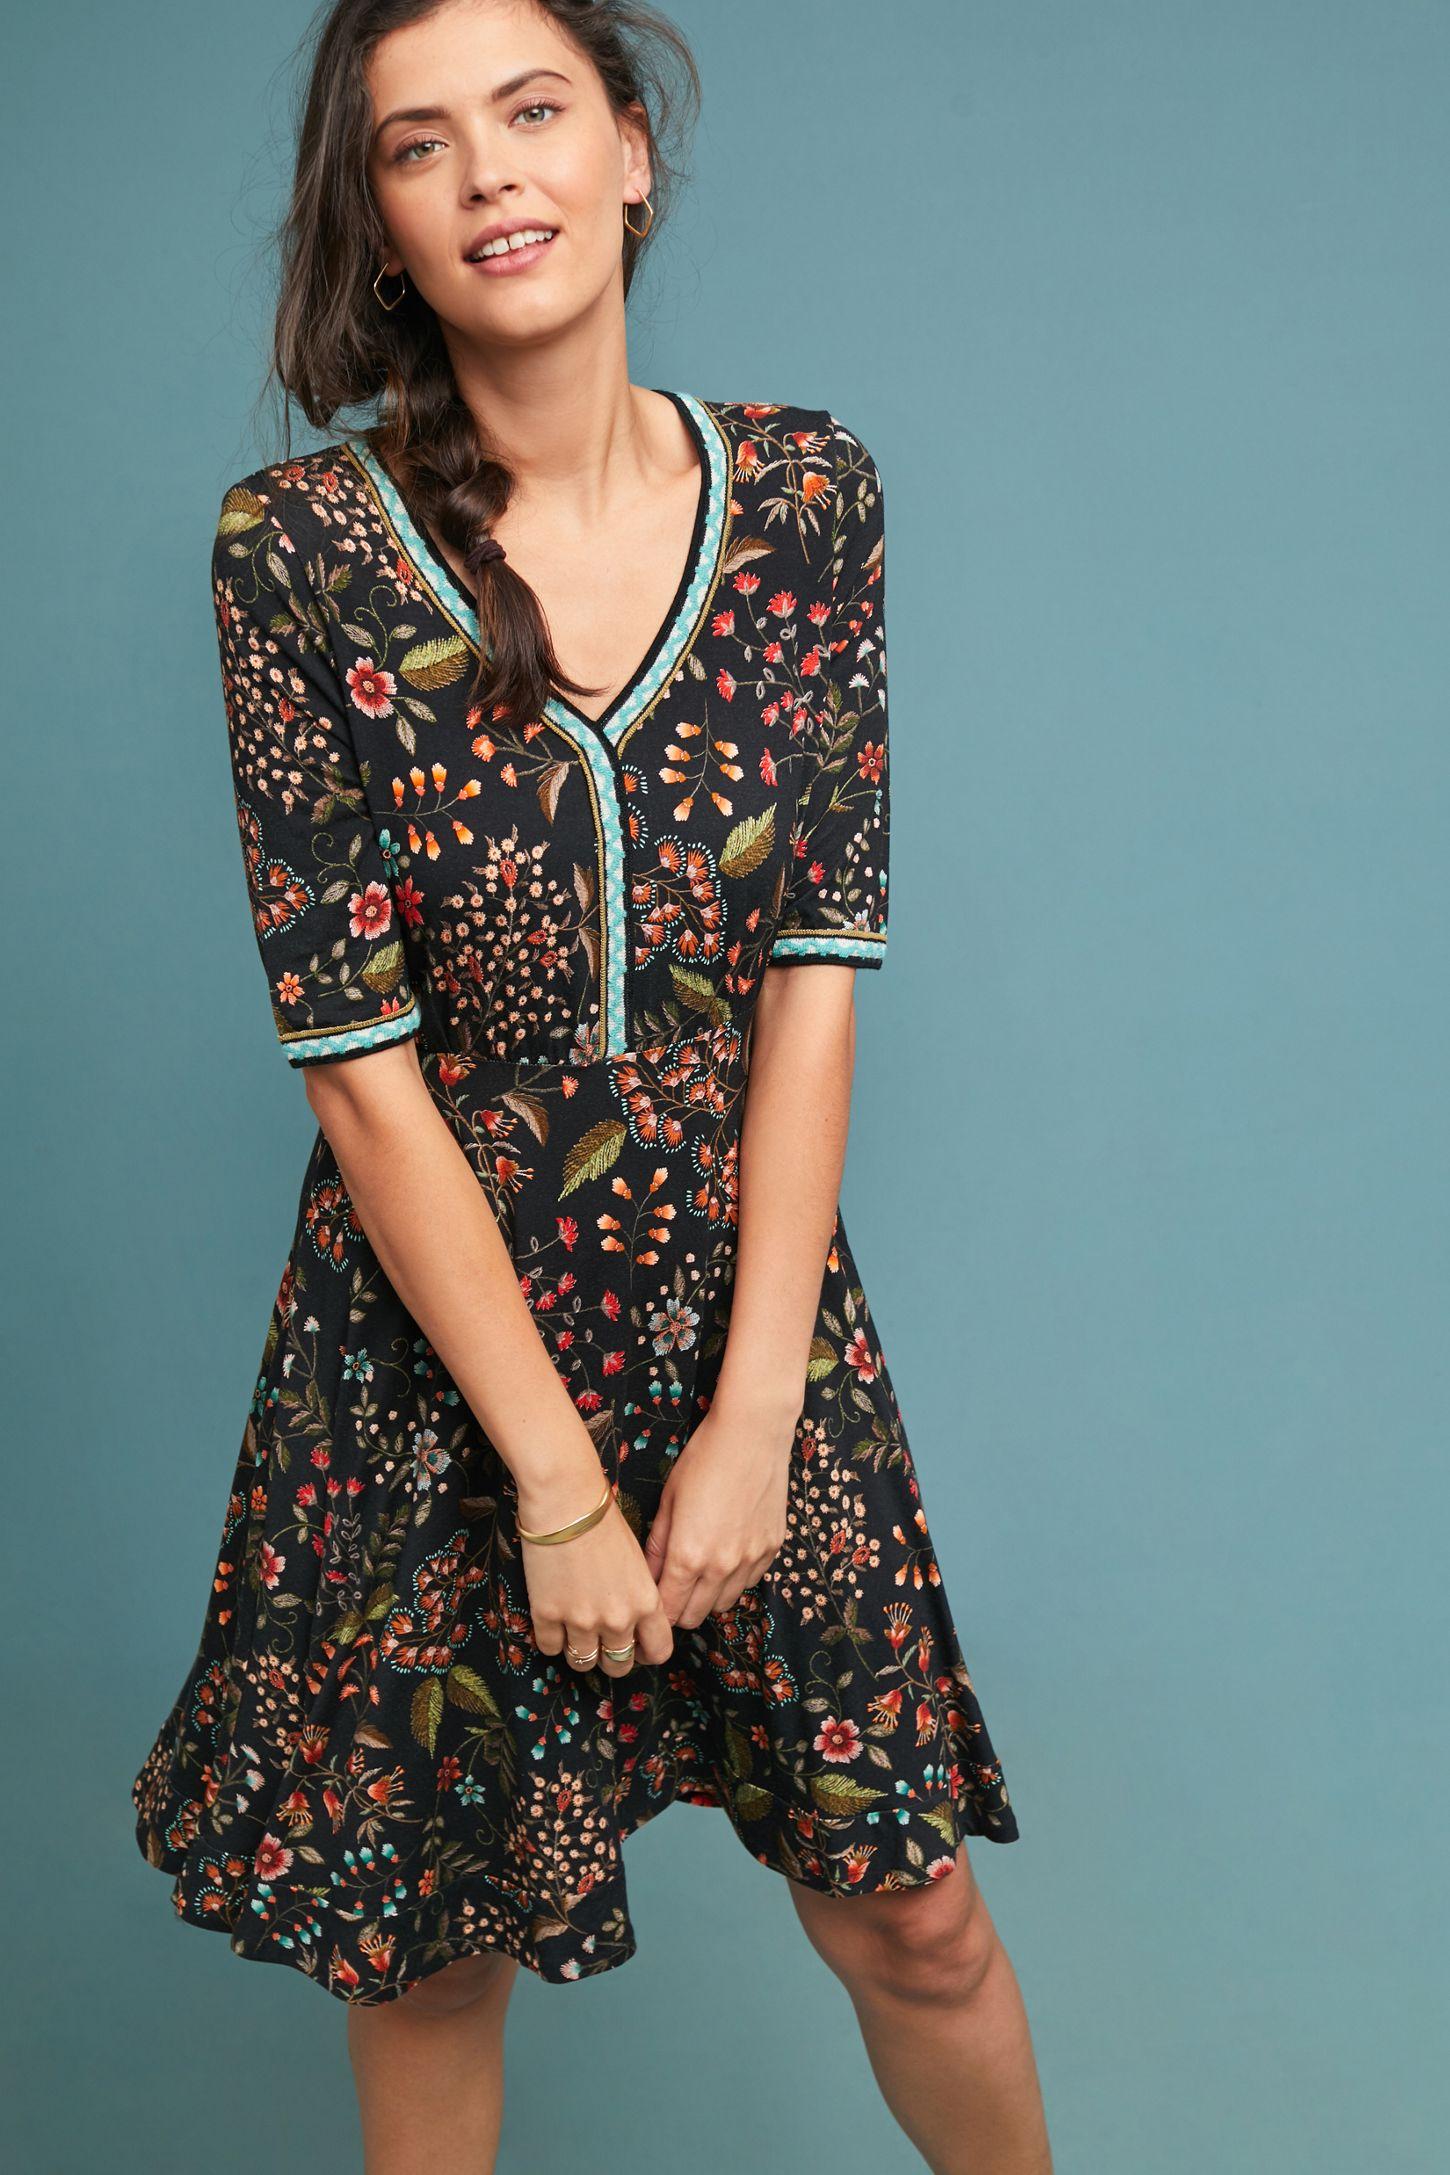 b1c0c35440d8 Appenzell Knit Dress